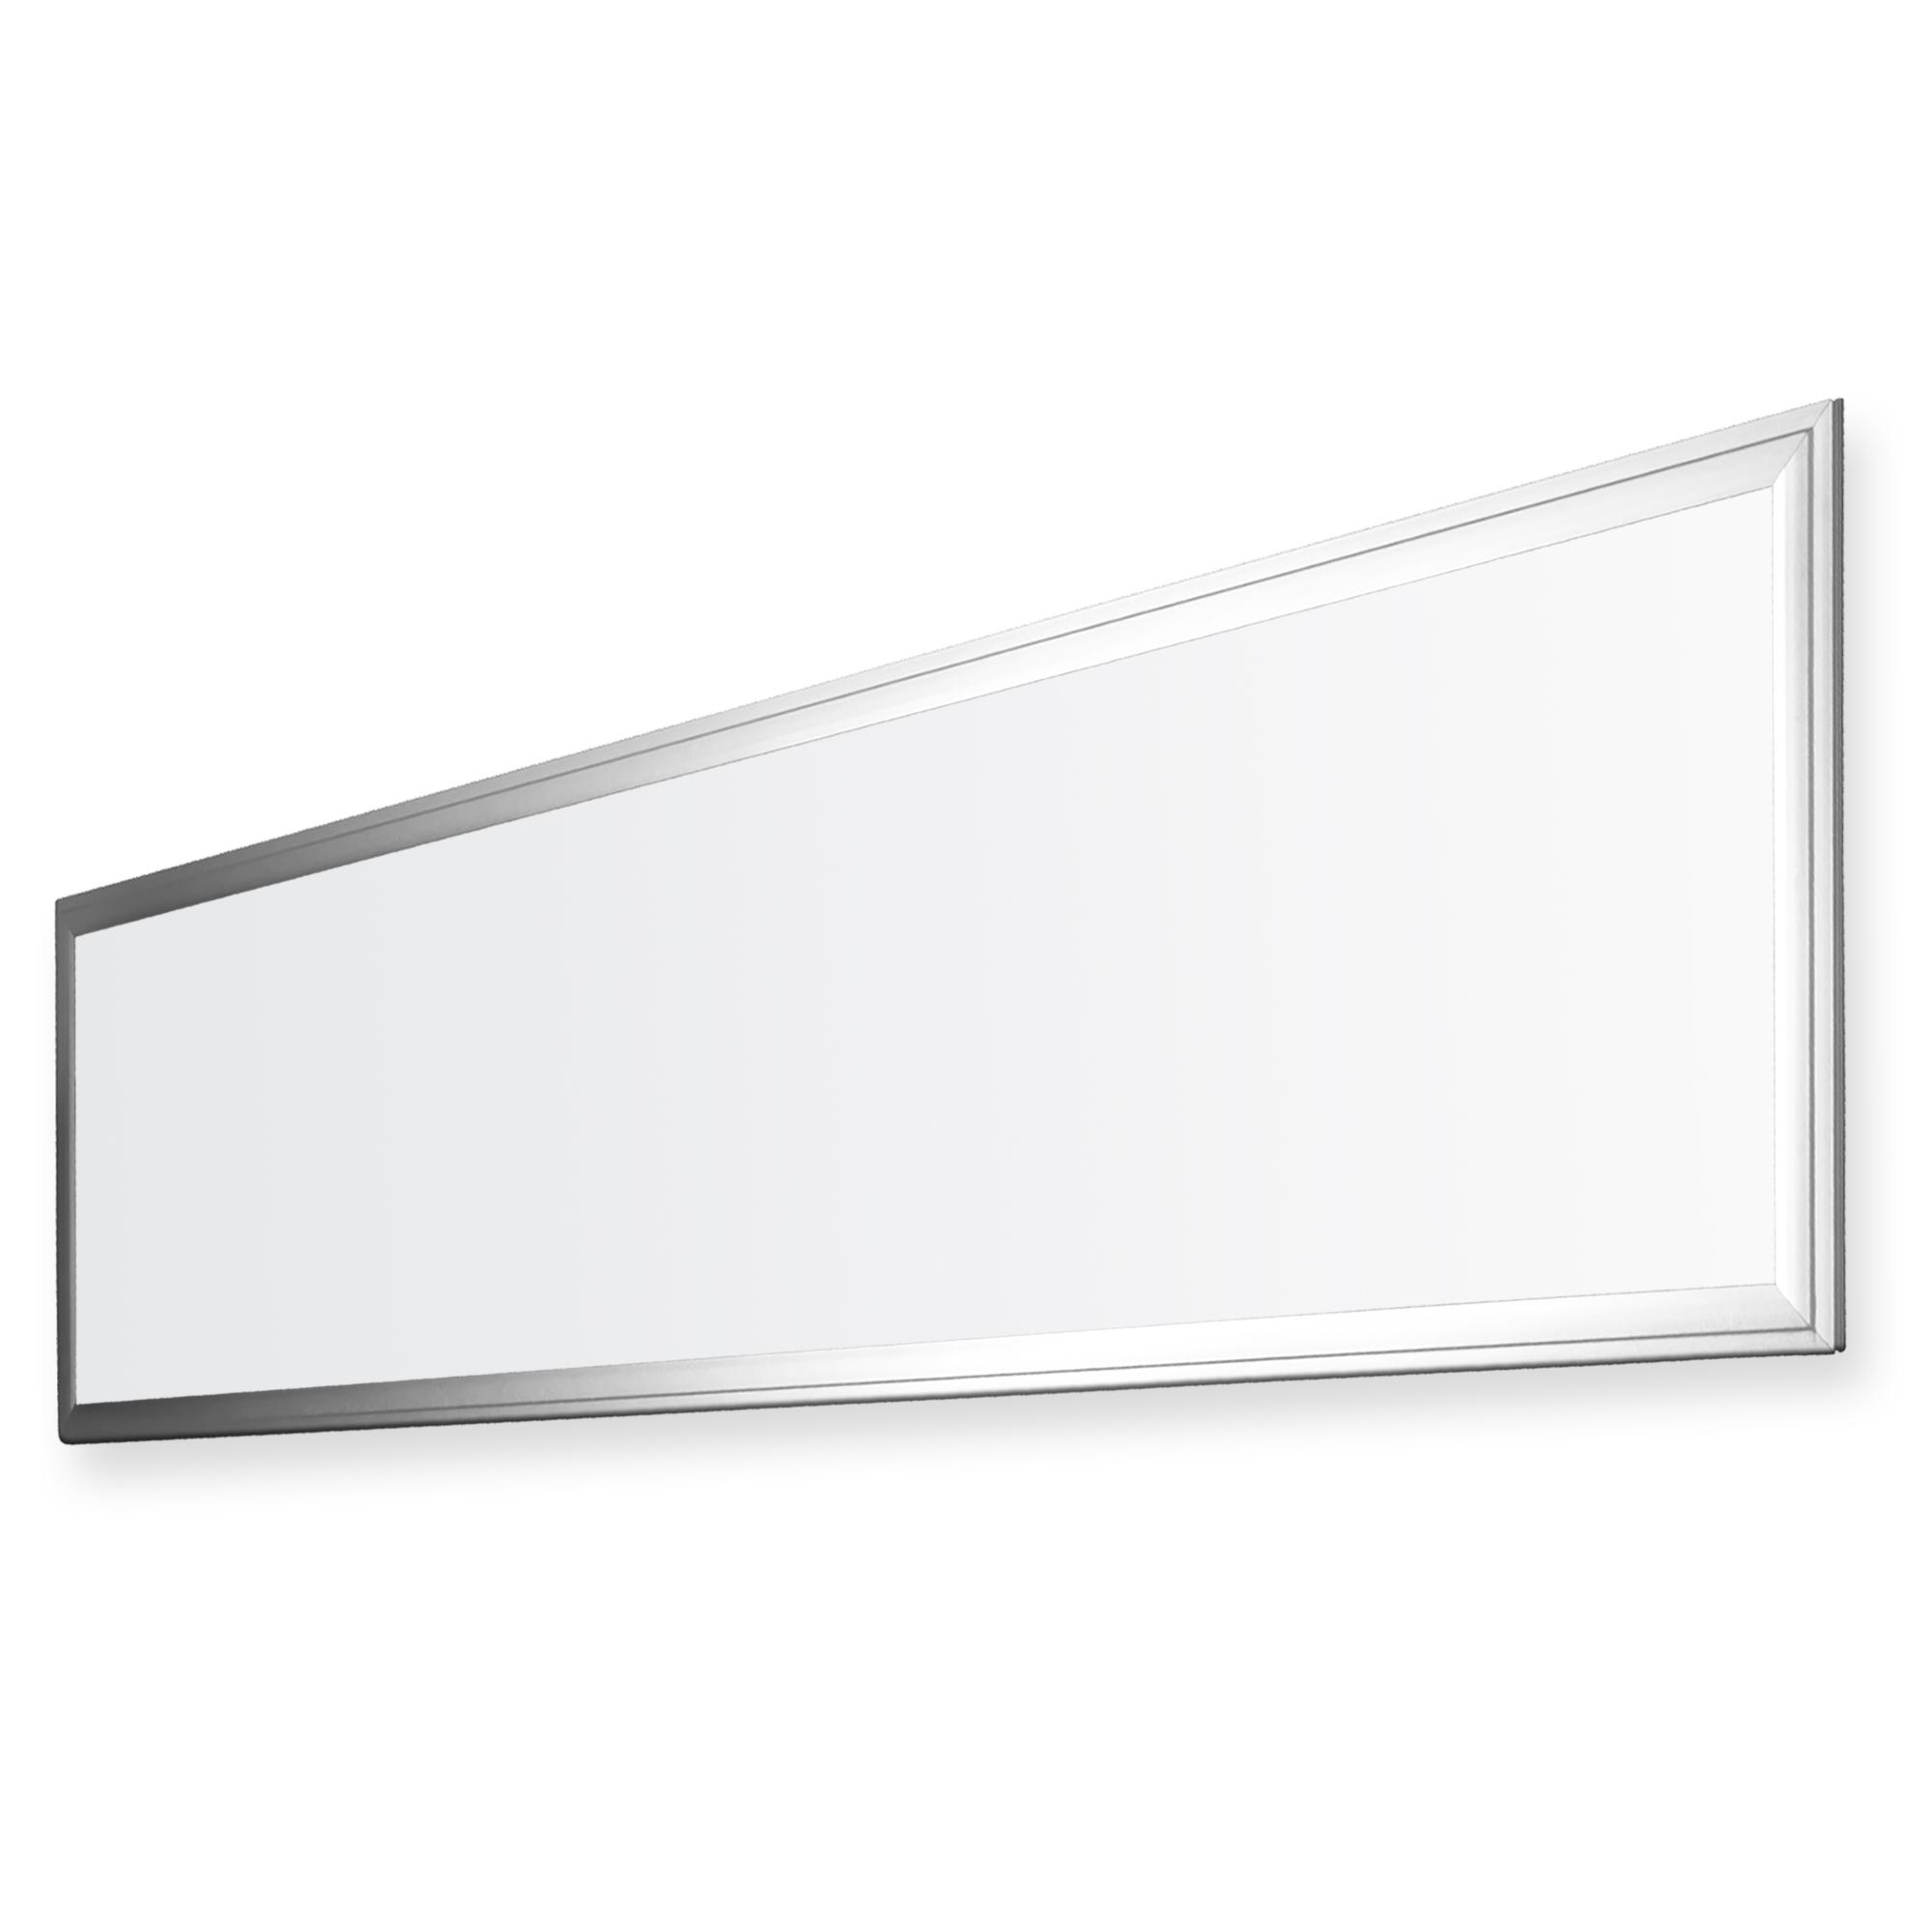 ledvero 1er set 120x30cm ultraslim led panel dimmbar 36w 3000lm 4500k deckenleuchte mit. Black Bedroom Furniture Sets. Home Design Ideas